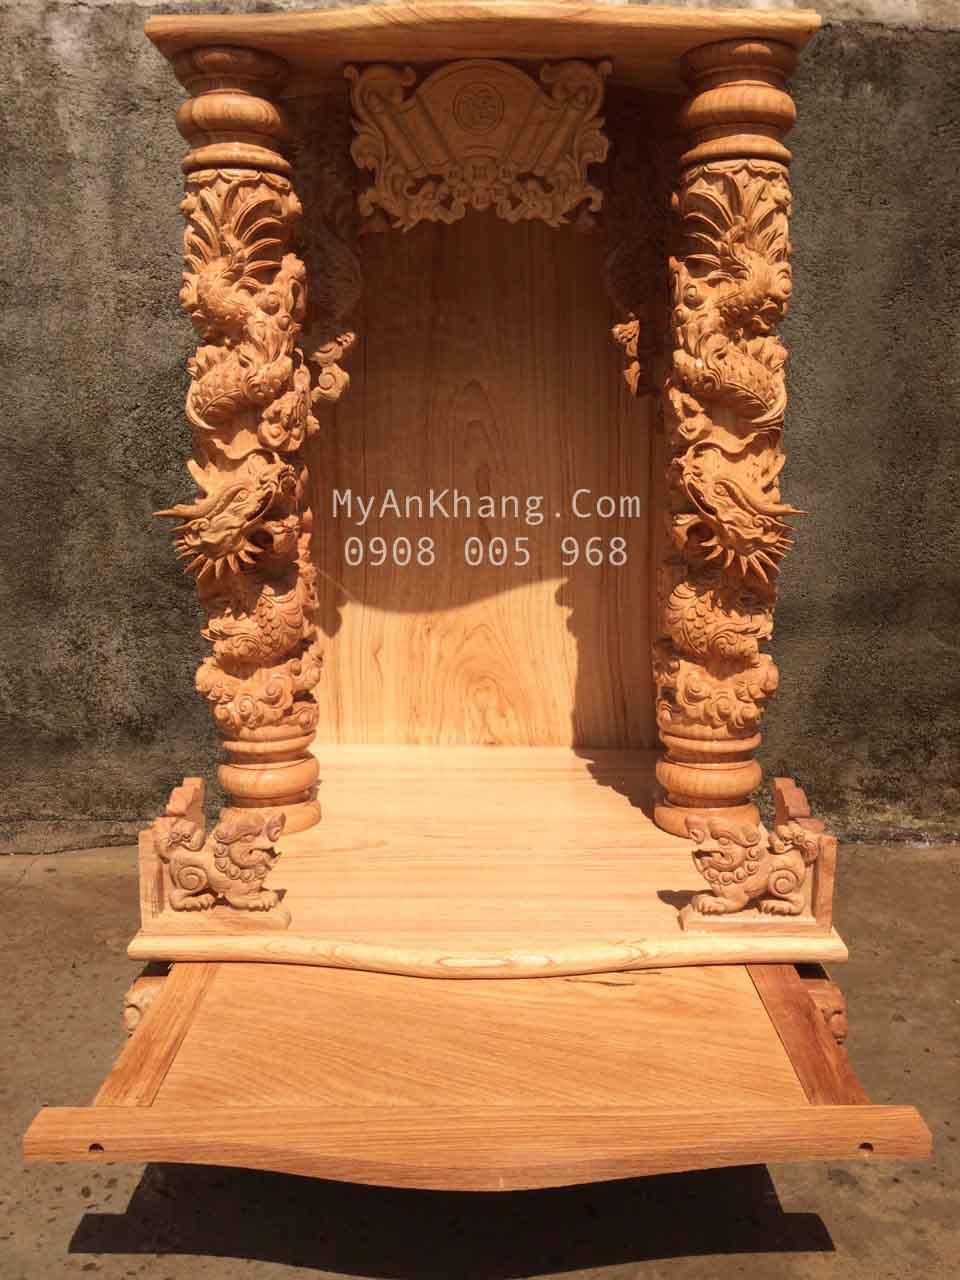 Bàn thờ ông địa thần tài đẹp quận 2 tại TPHCM